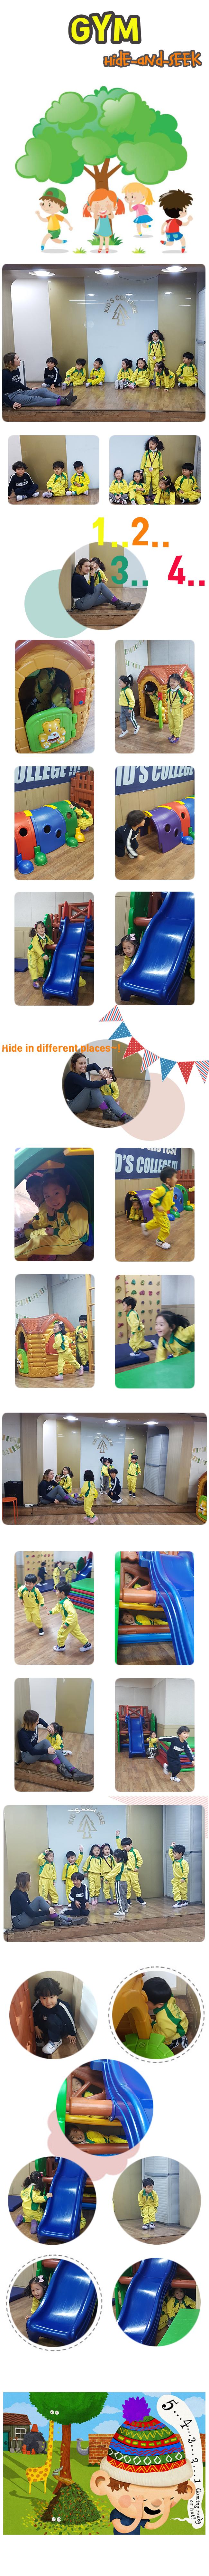 Gym_0104.jpg